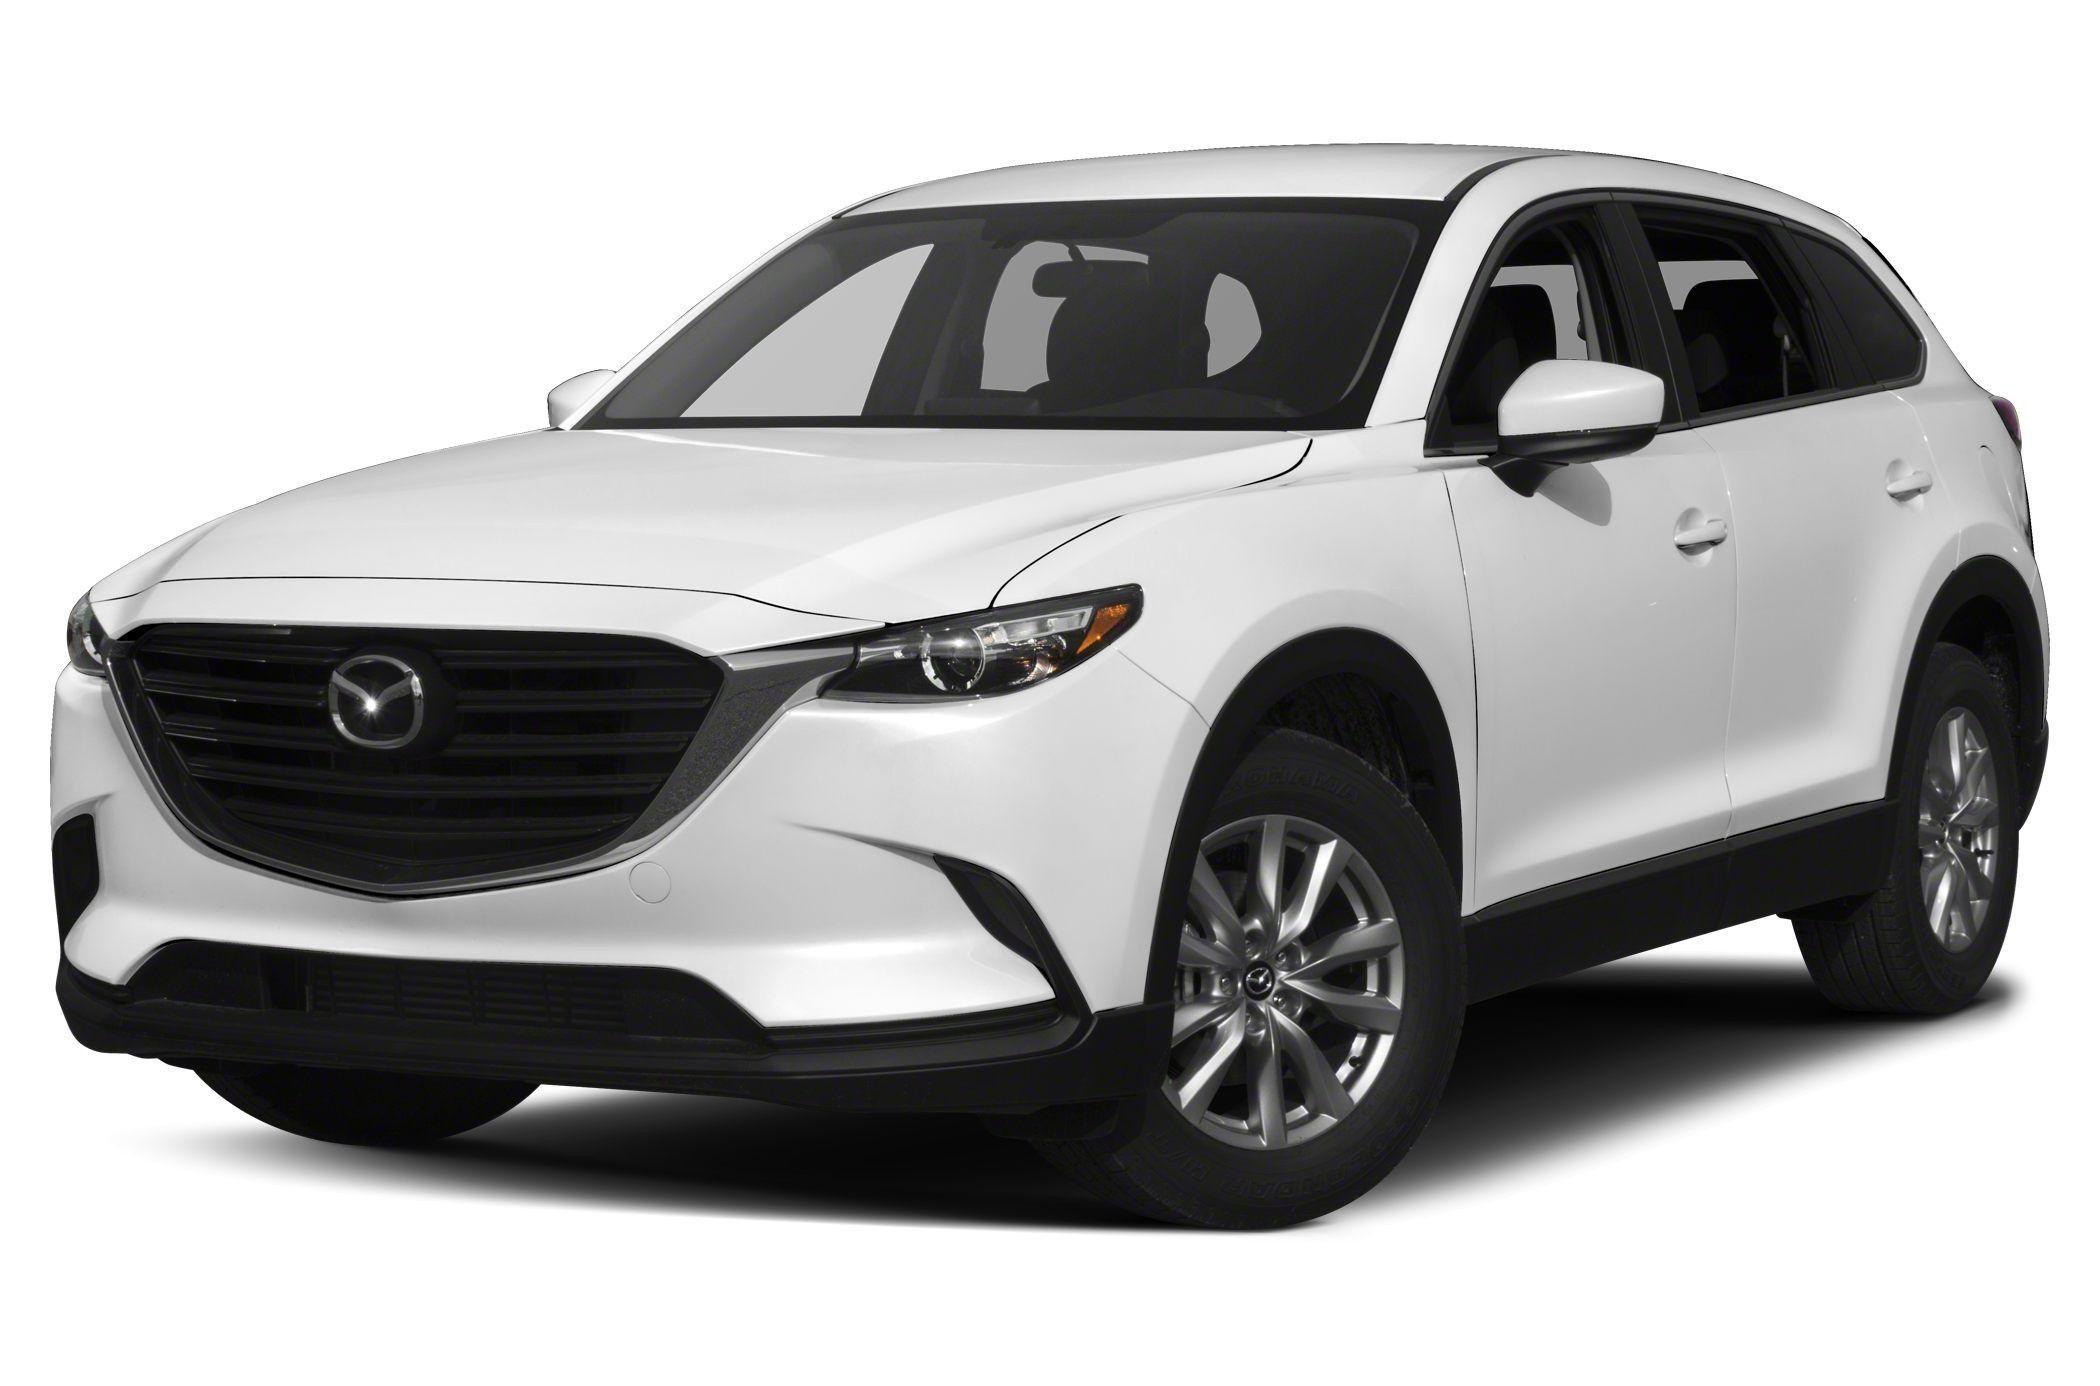 Mazda Hybrid 2020 Redesign di 2020 Mazda, Sedan